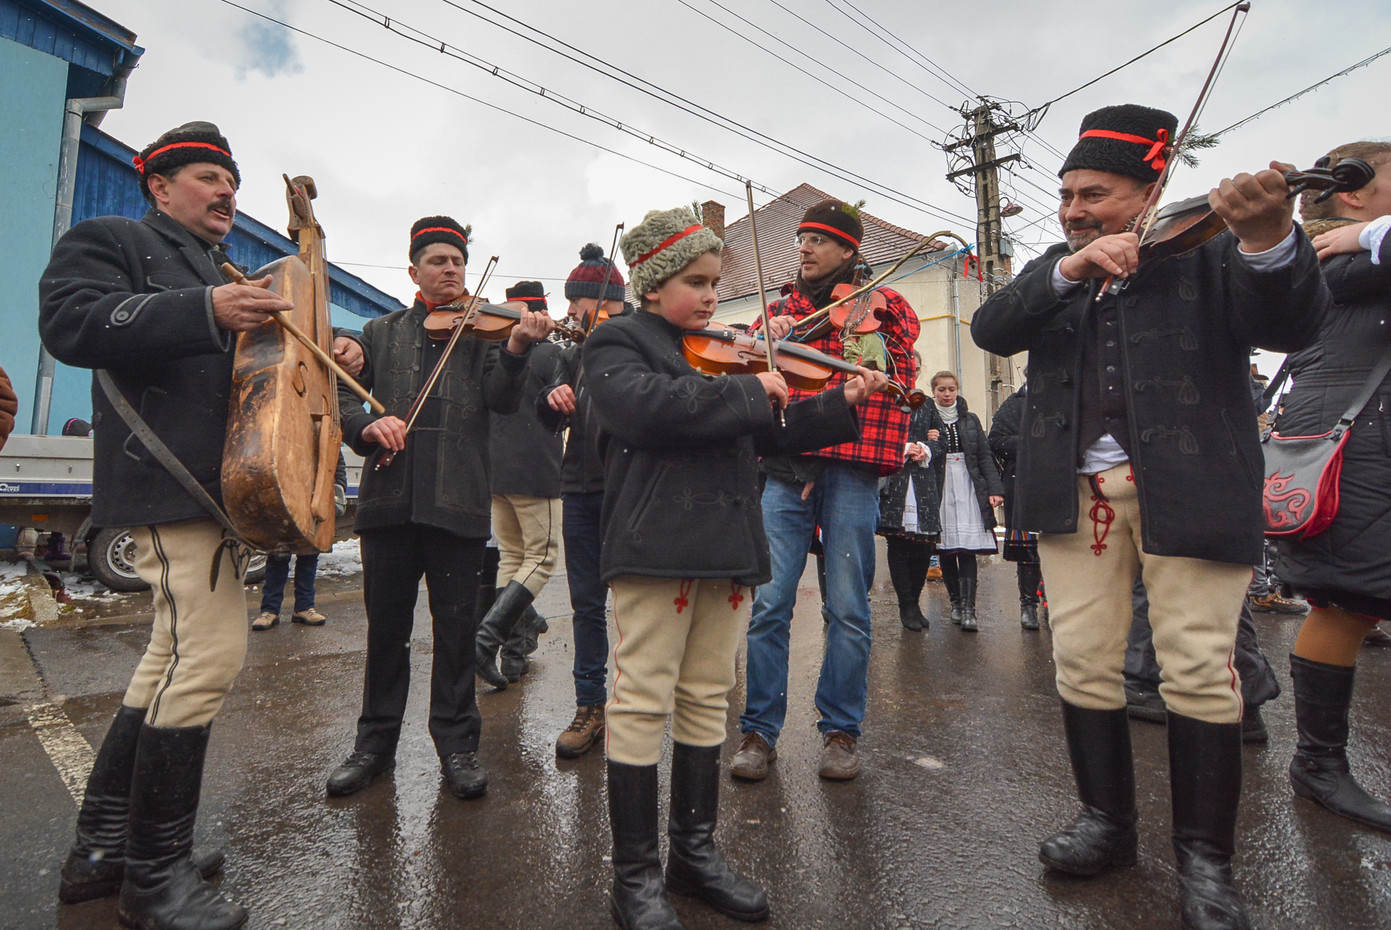 Szentegyháza / Vlăhița Harghita county / Hargita megye / Județul Harghita Romania / Románia / România 2017